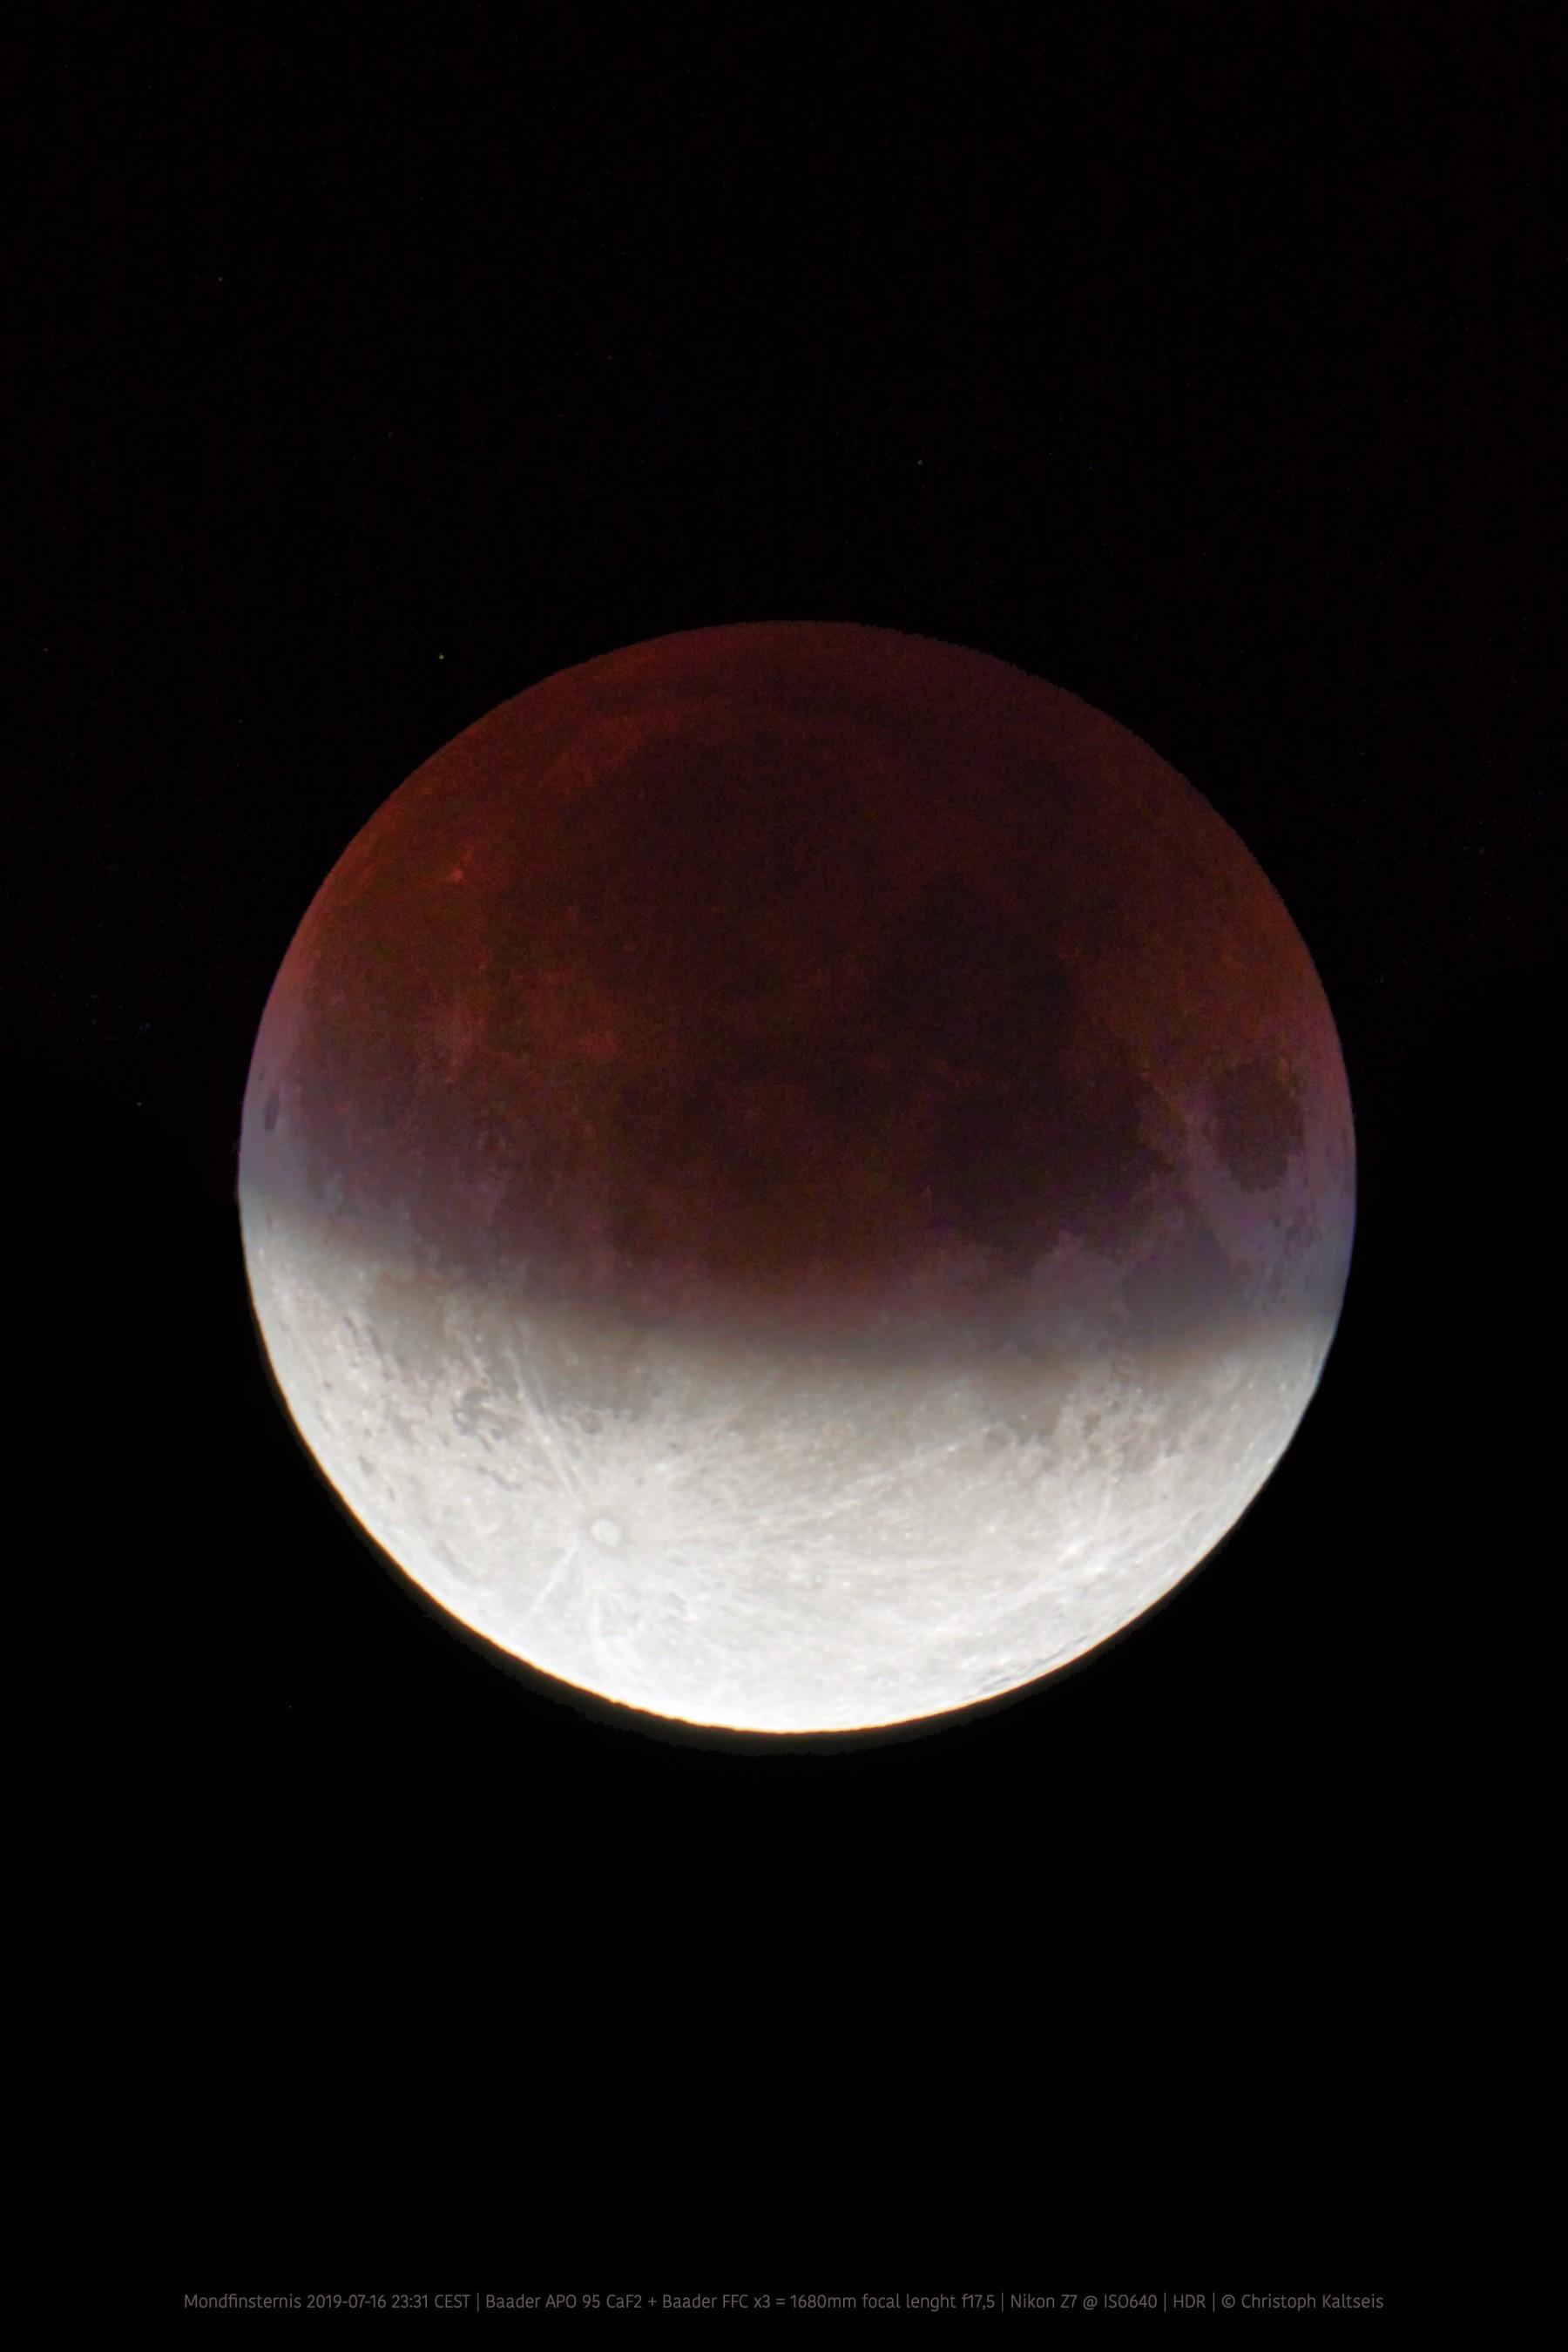 Anwendungsbild: Partielle Mondfinsternis 2019 -07 -16, aufgenommen mit Baader APO95 CaF2 + Baader FFC x3 + Nikon Z7@ISO640, HDR, © C. Kaltseis